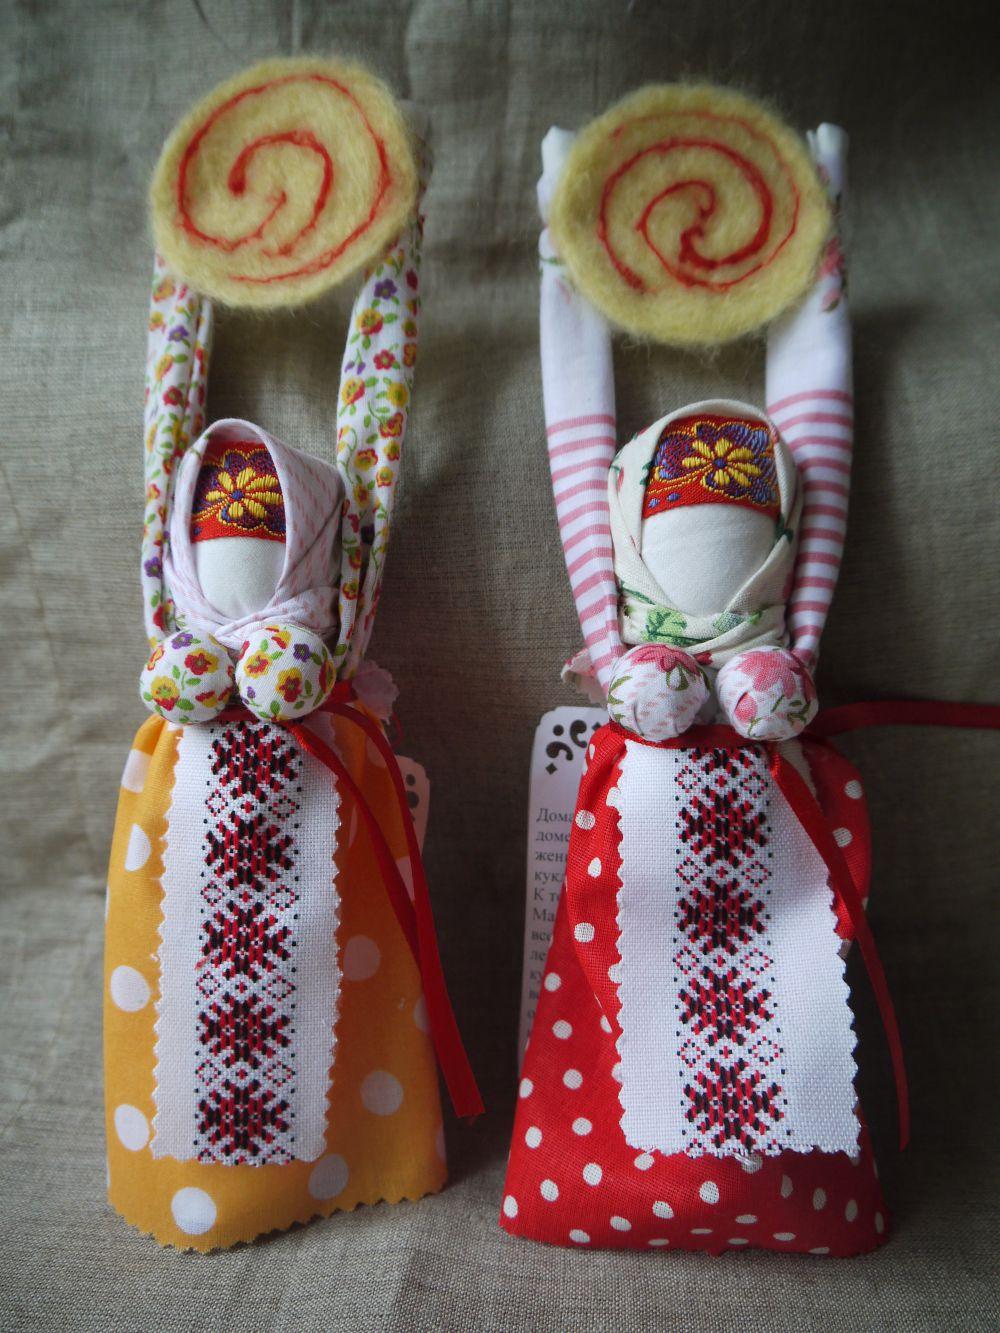 Масленицу хранили дома. Если случалось несчастье или болезнь, на пояс кукле вешали верёвочки, приговаривая молитвы. Кукла должна была взять все беды на себя. На Масленицу её жгли вместе с большим чучелом.